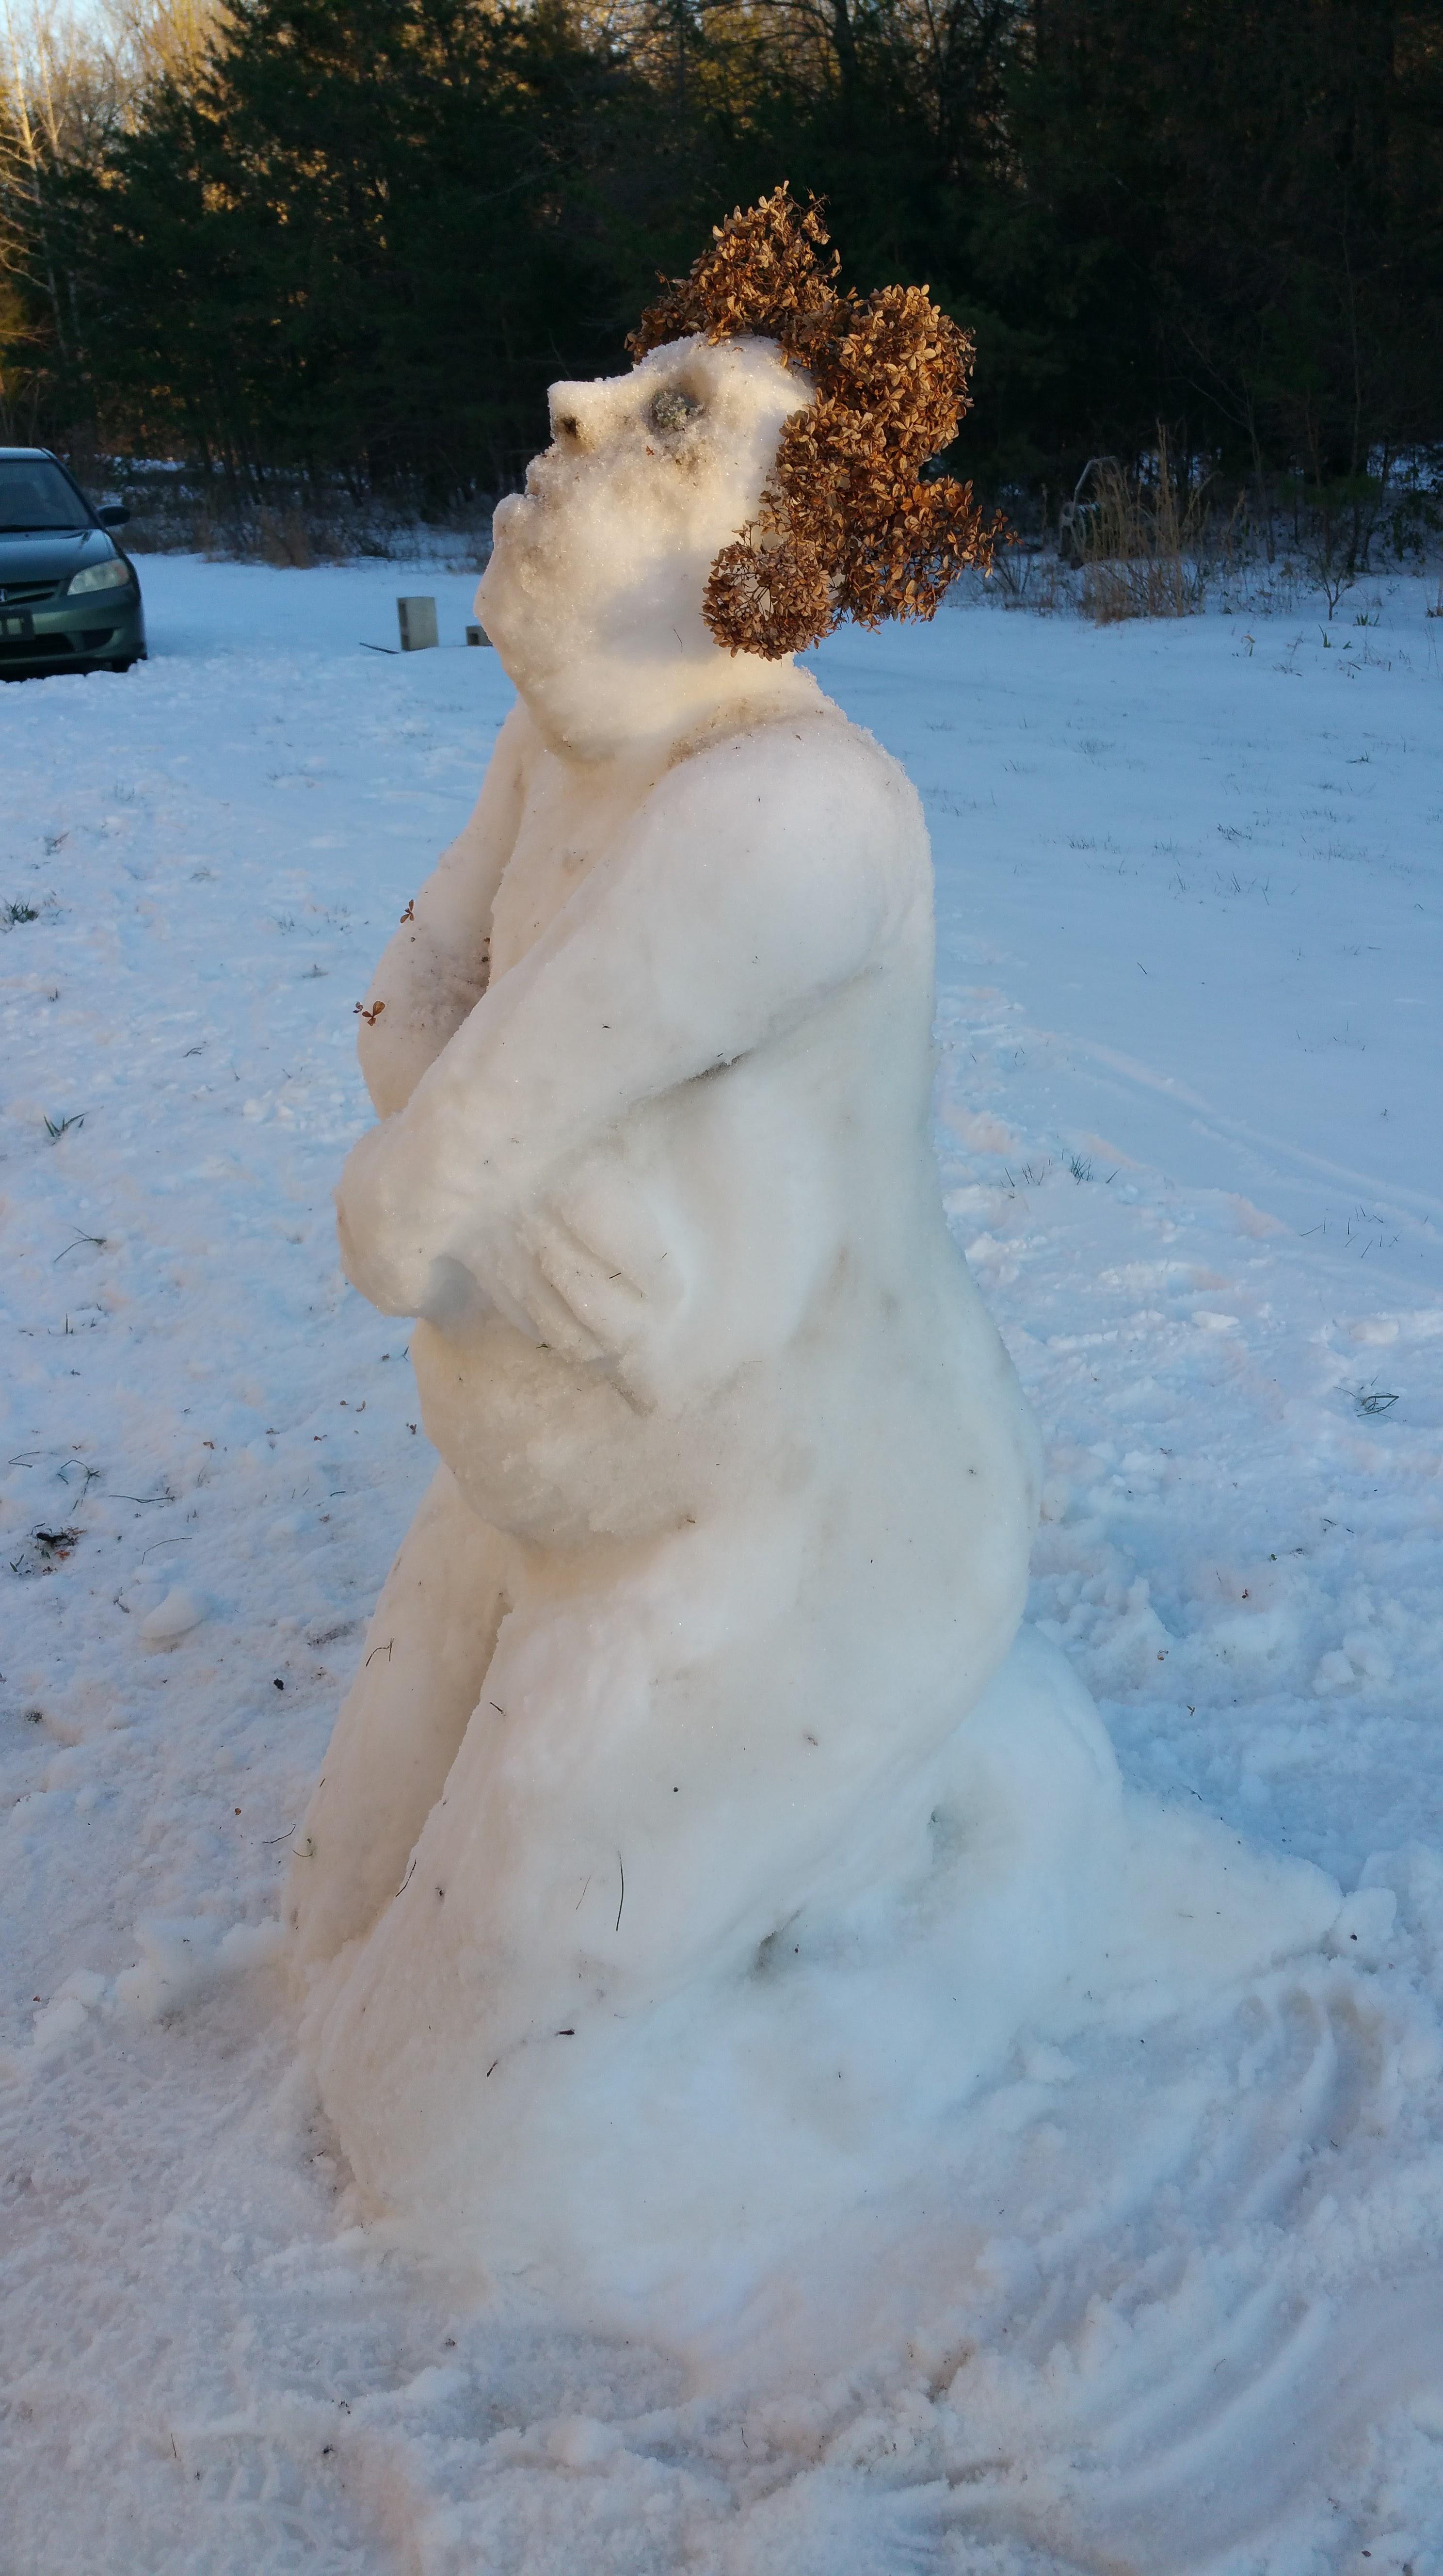 snowman-side 2016